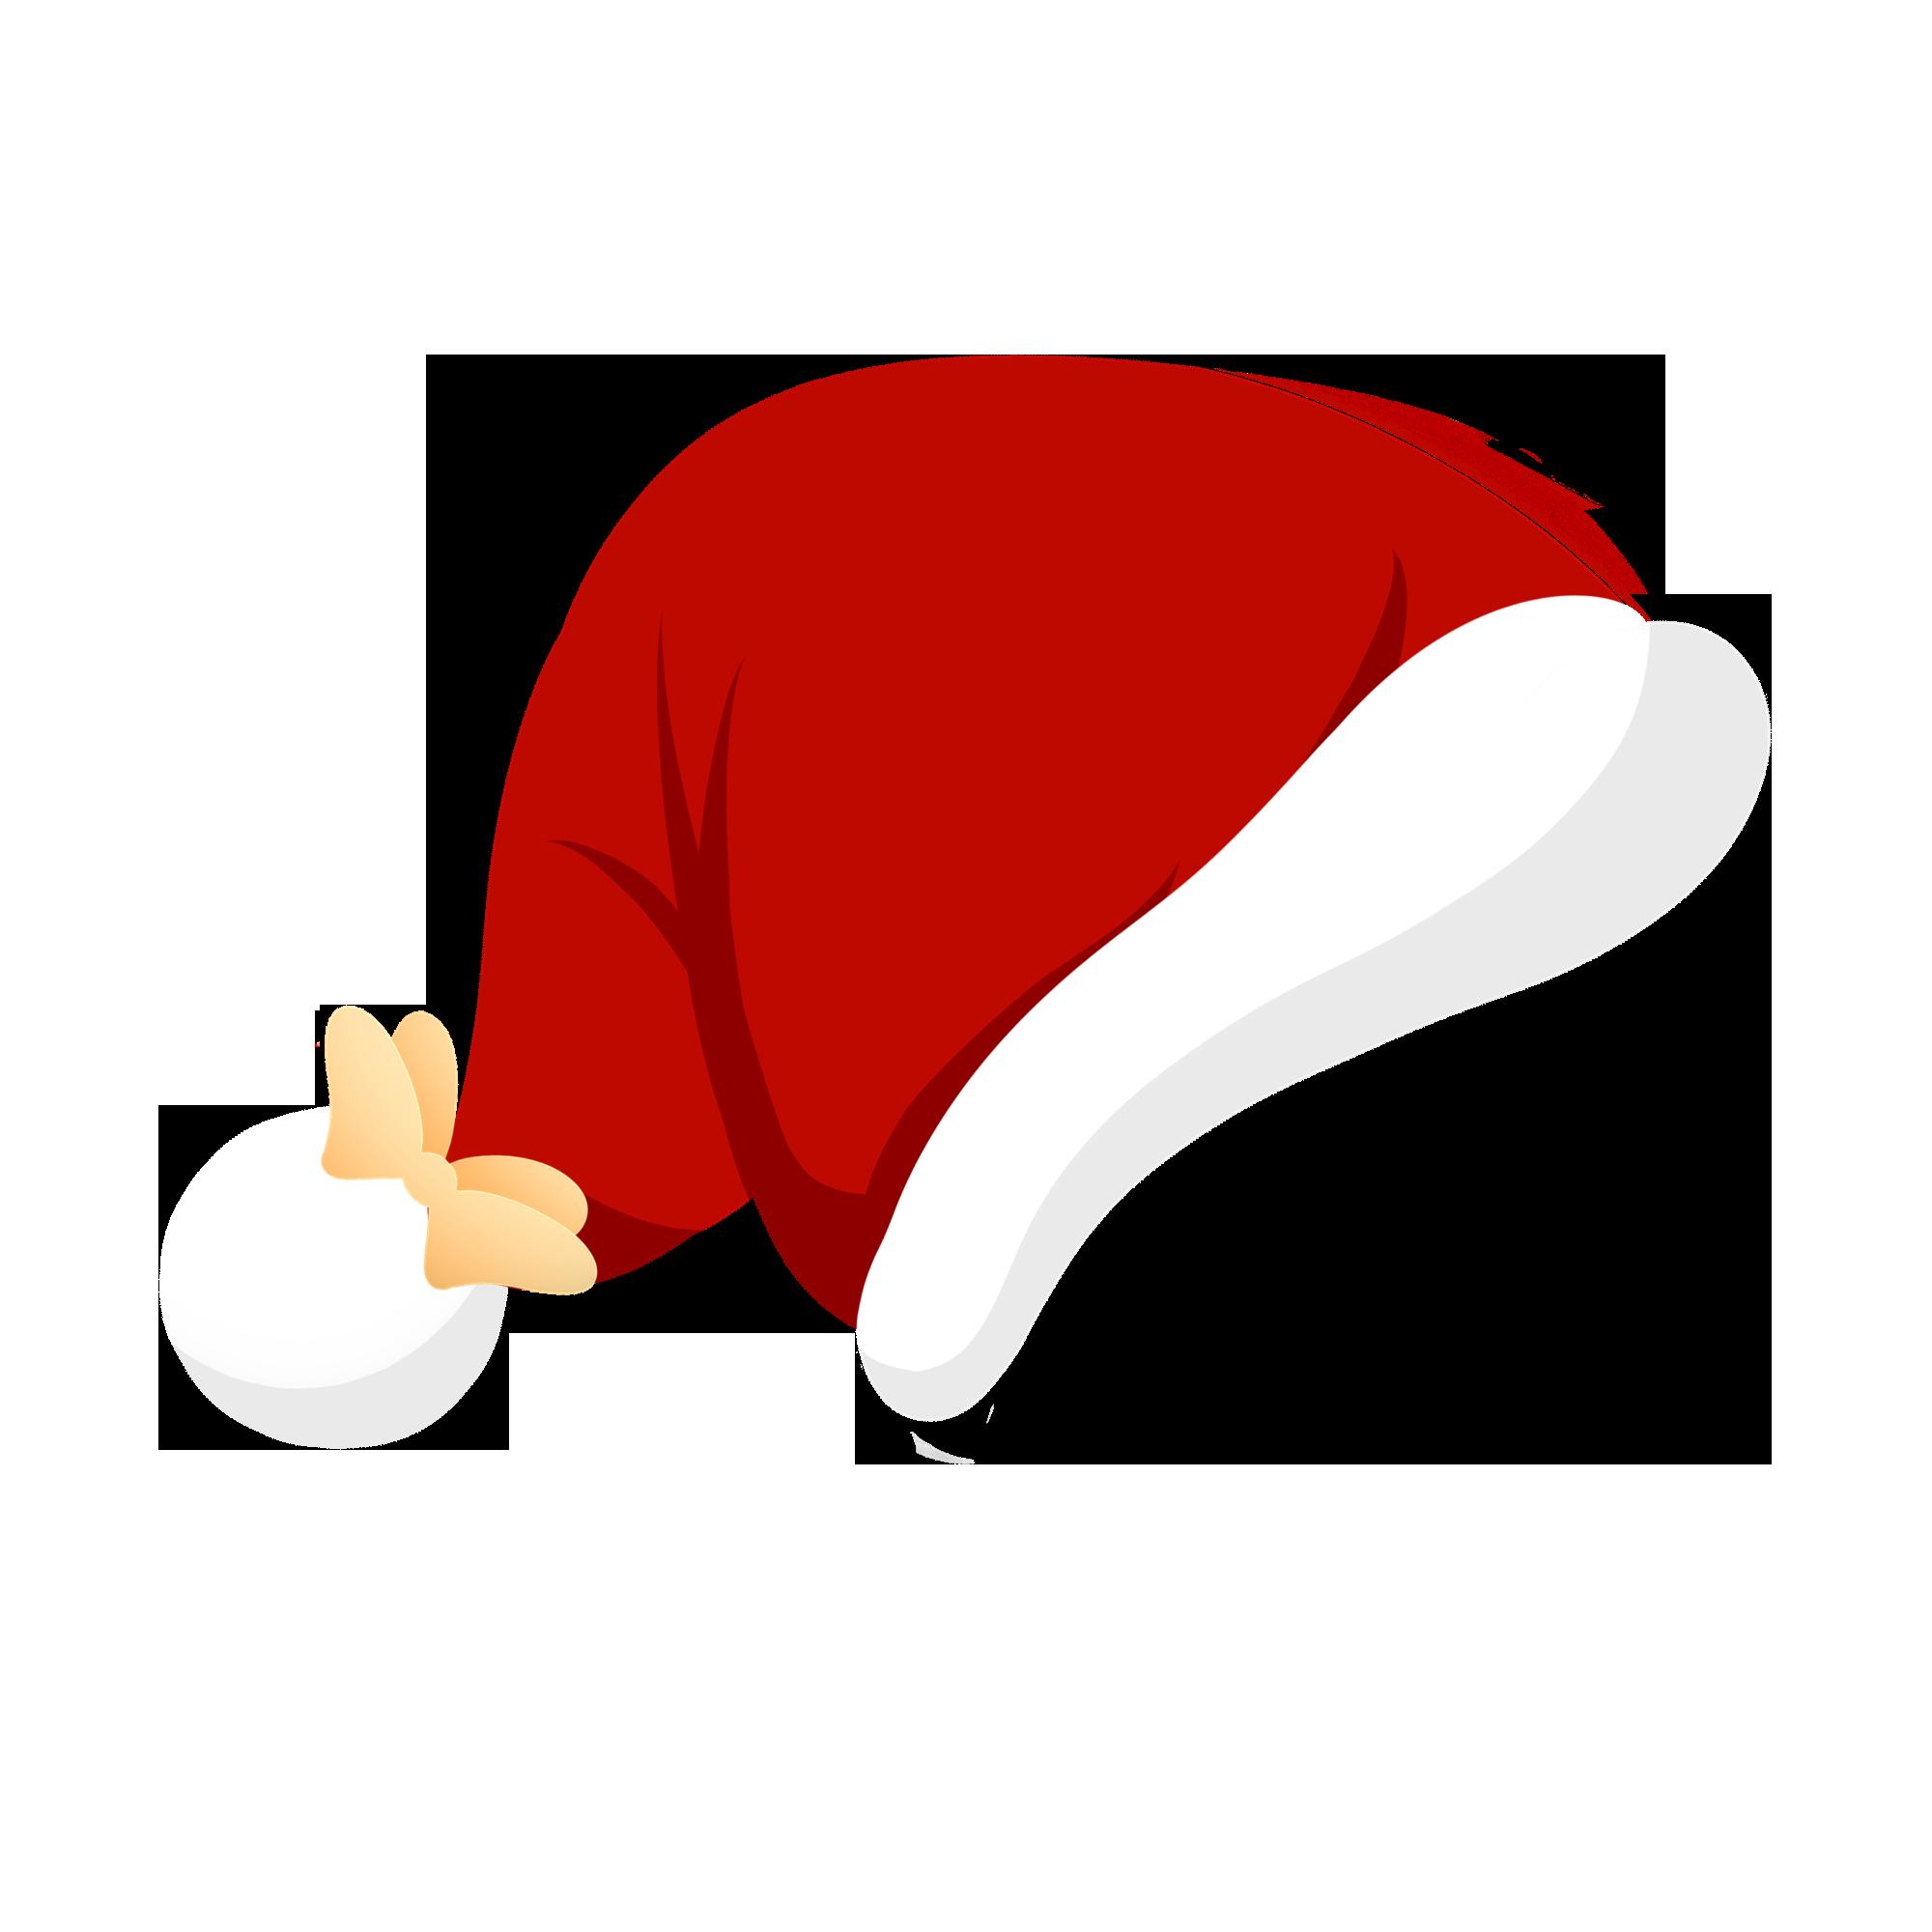 请给我一顶圣诞帽